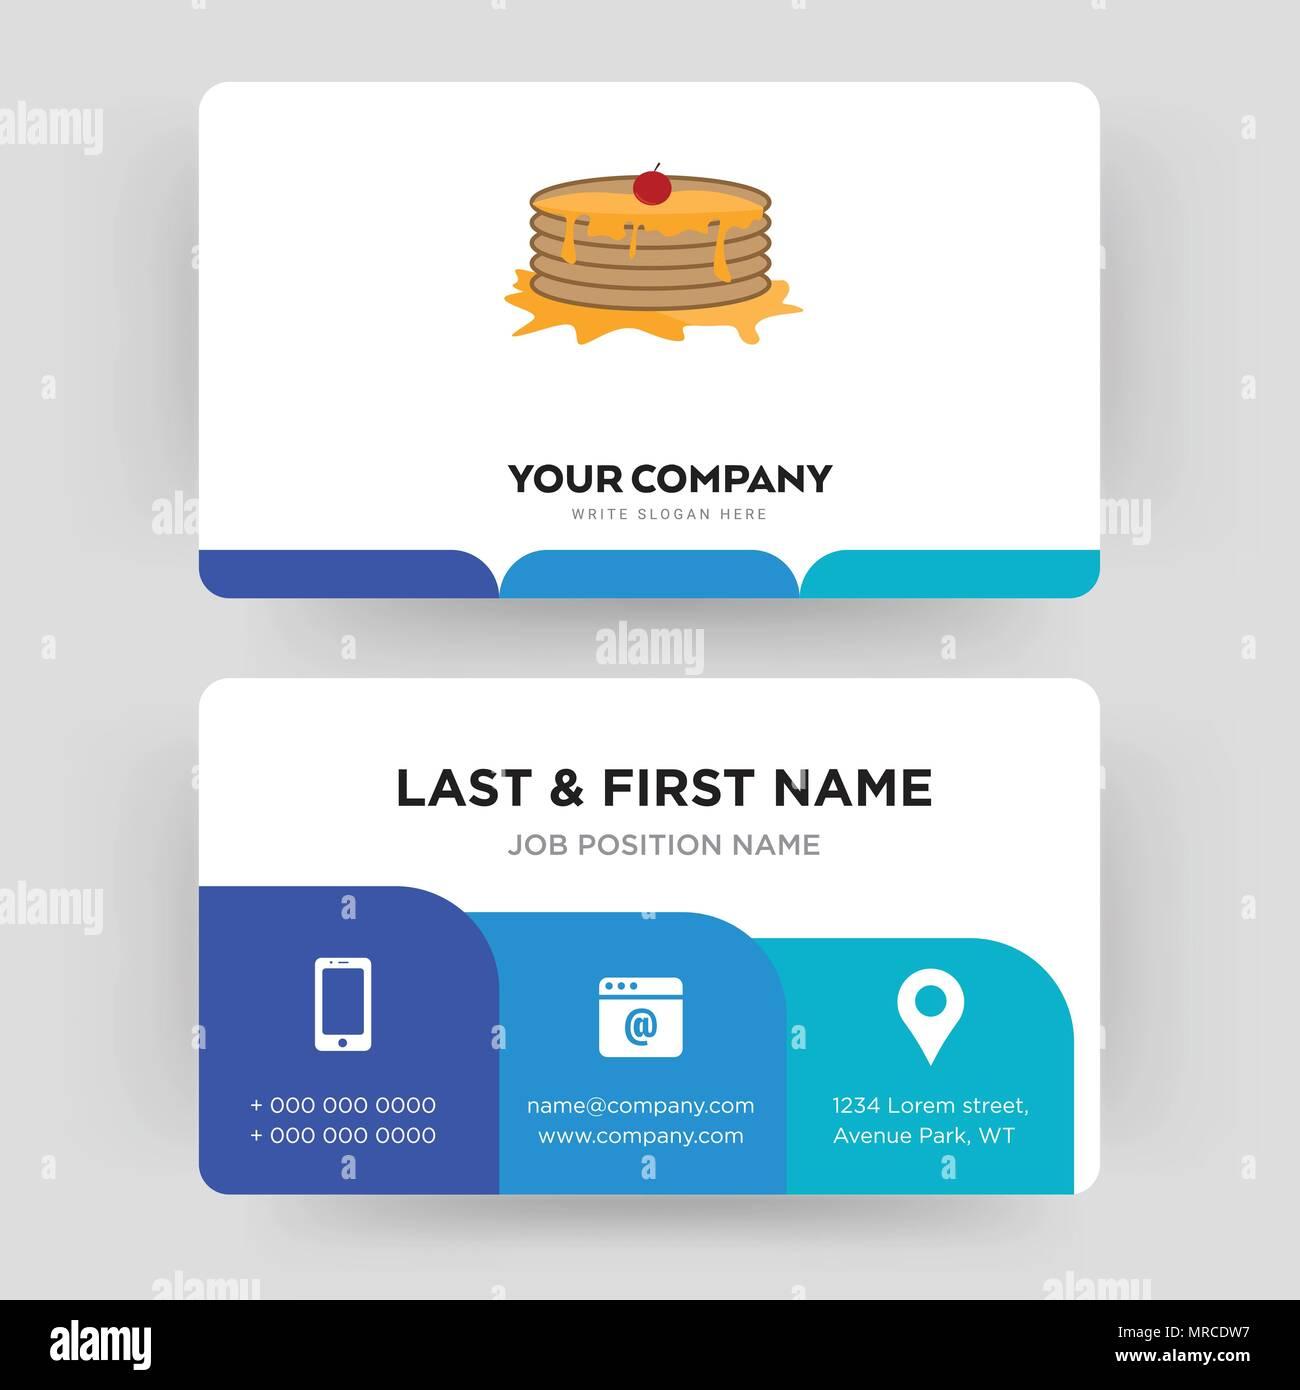 Crepe Carte De Visite Modele Conception Pour Votre Entreprise Creative Et Moderne